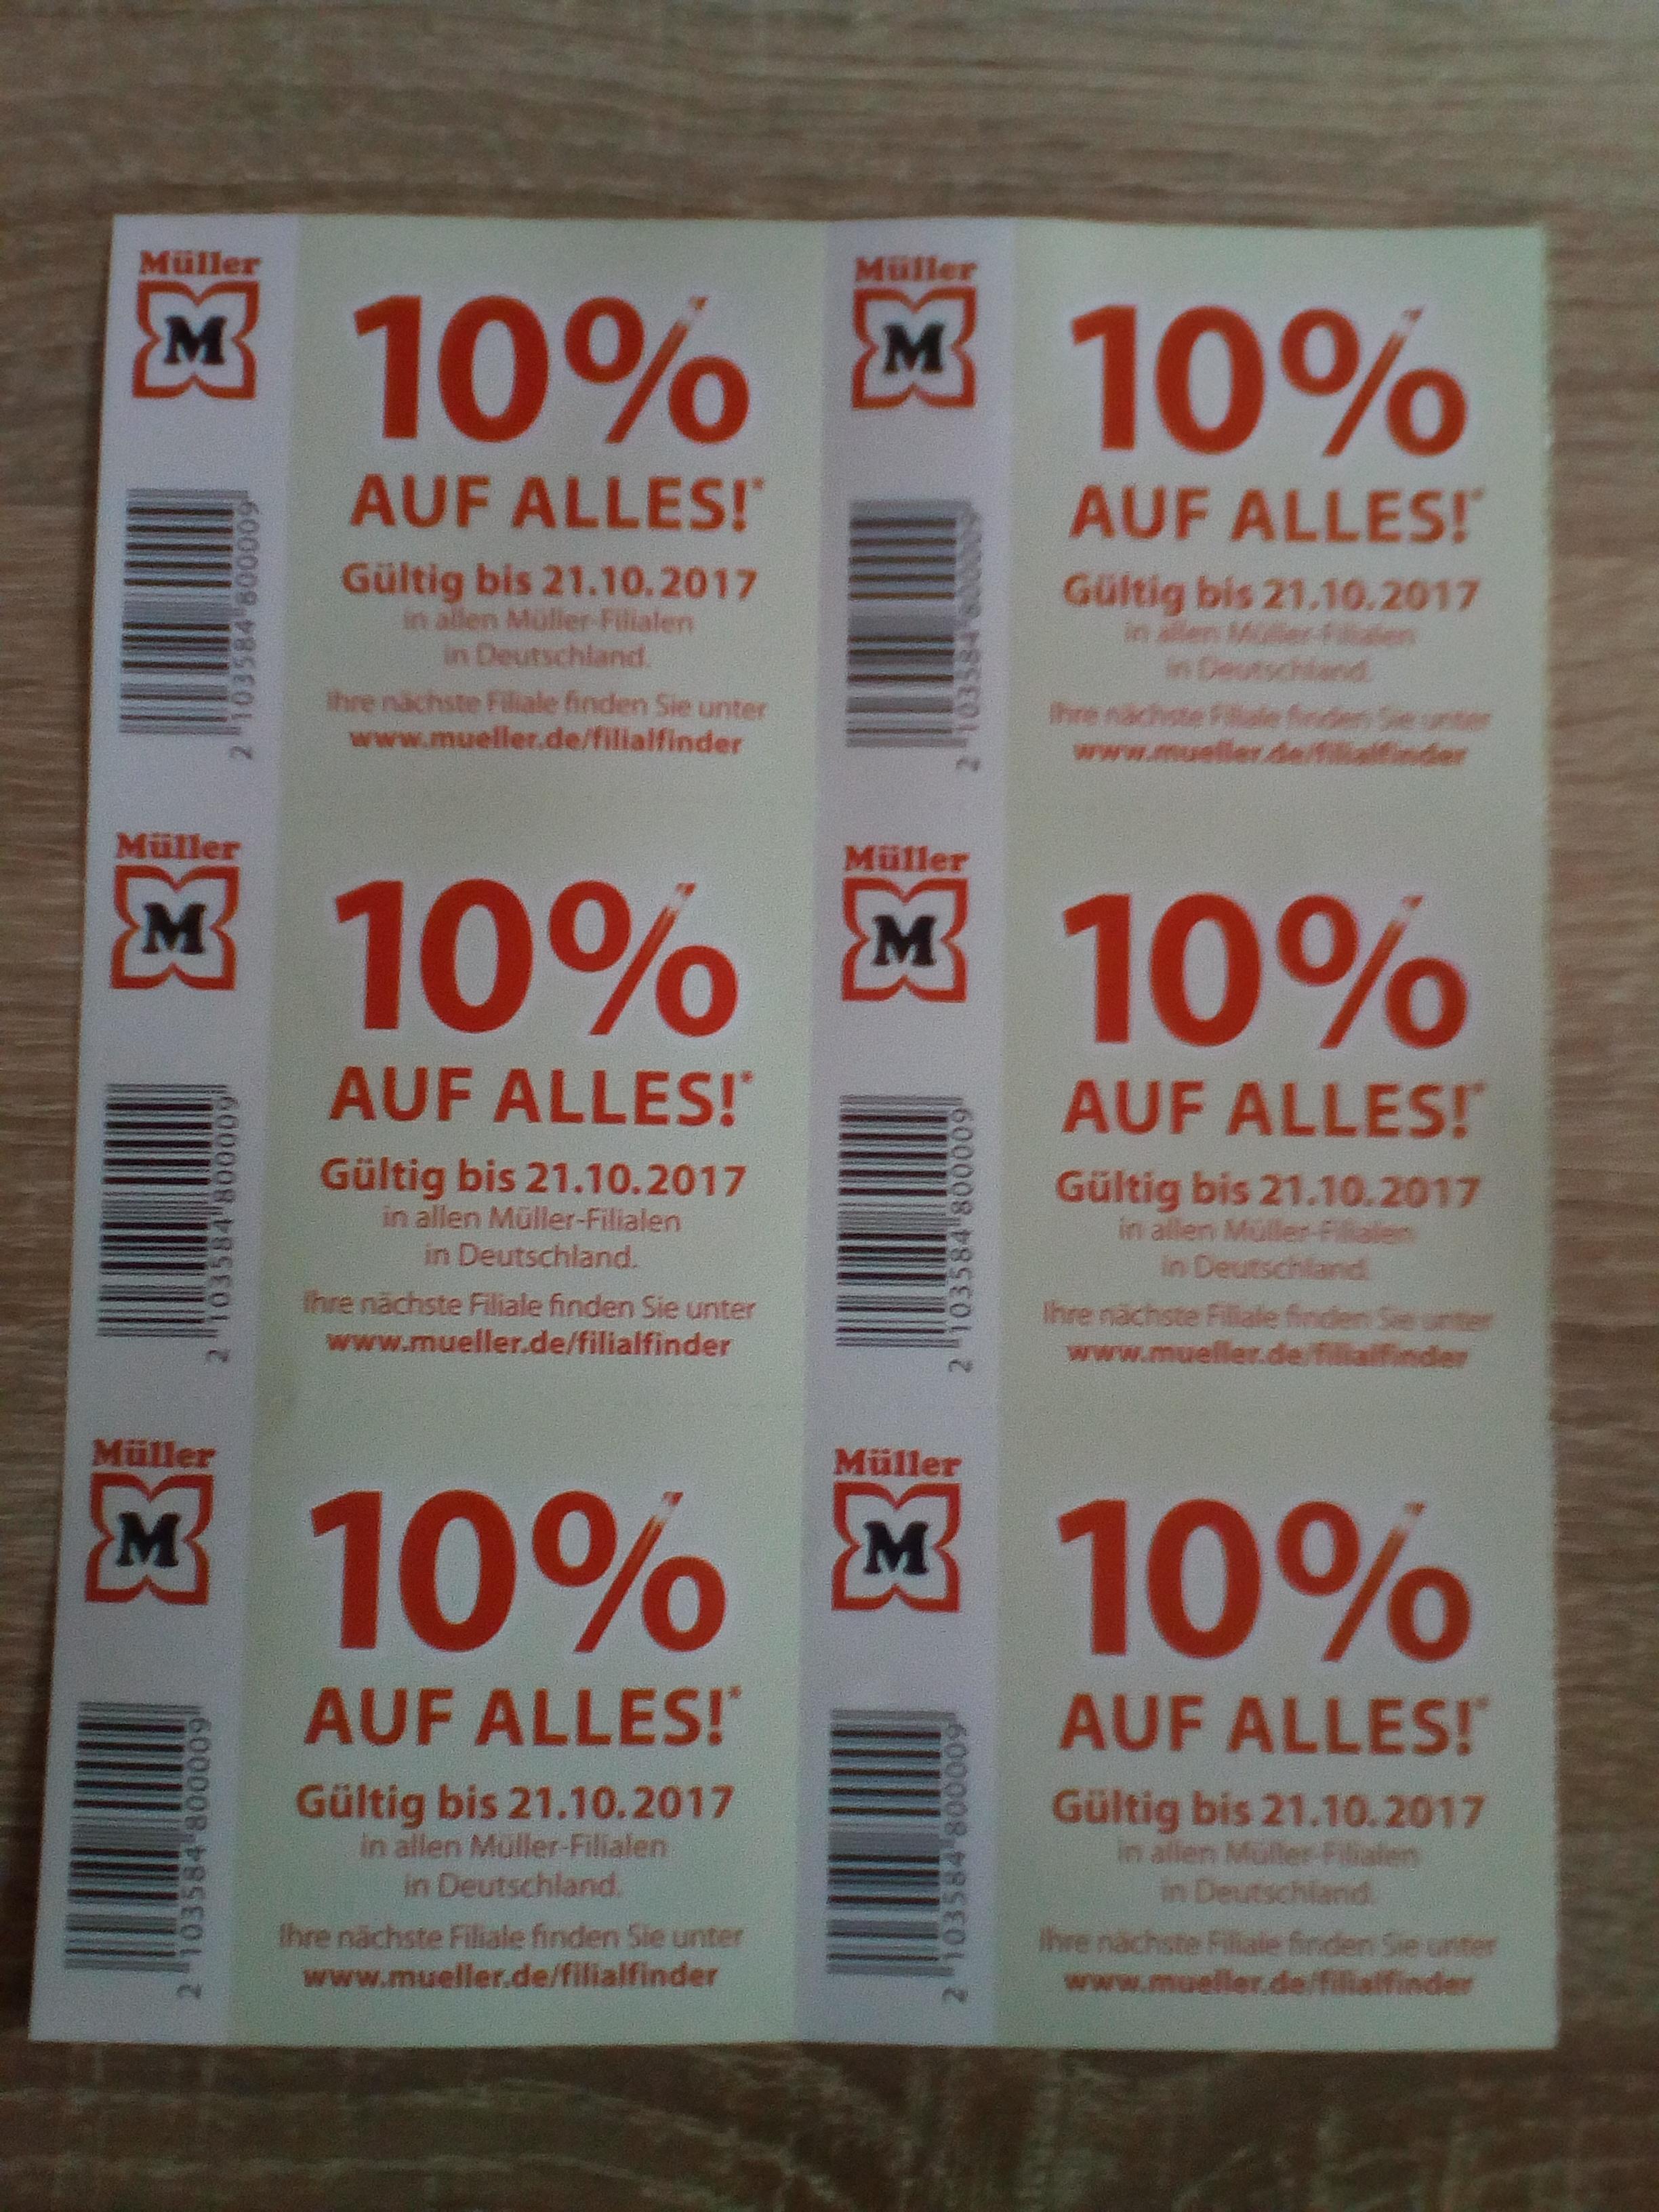 Müller 10% auf alles*